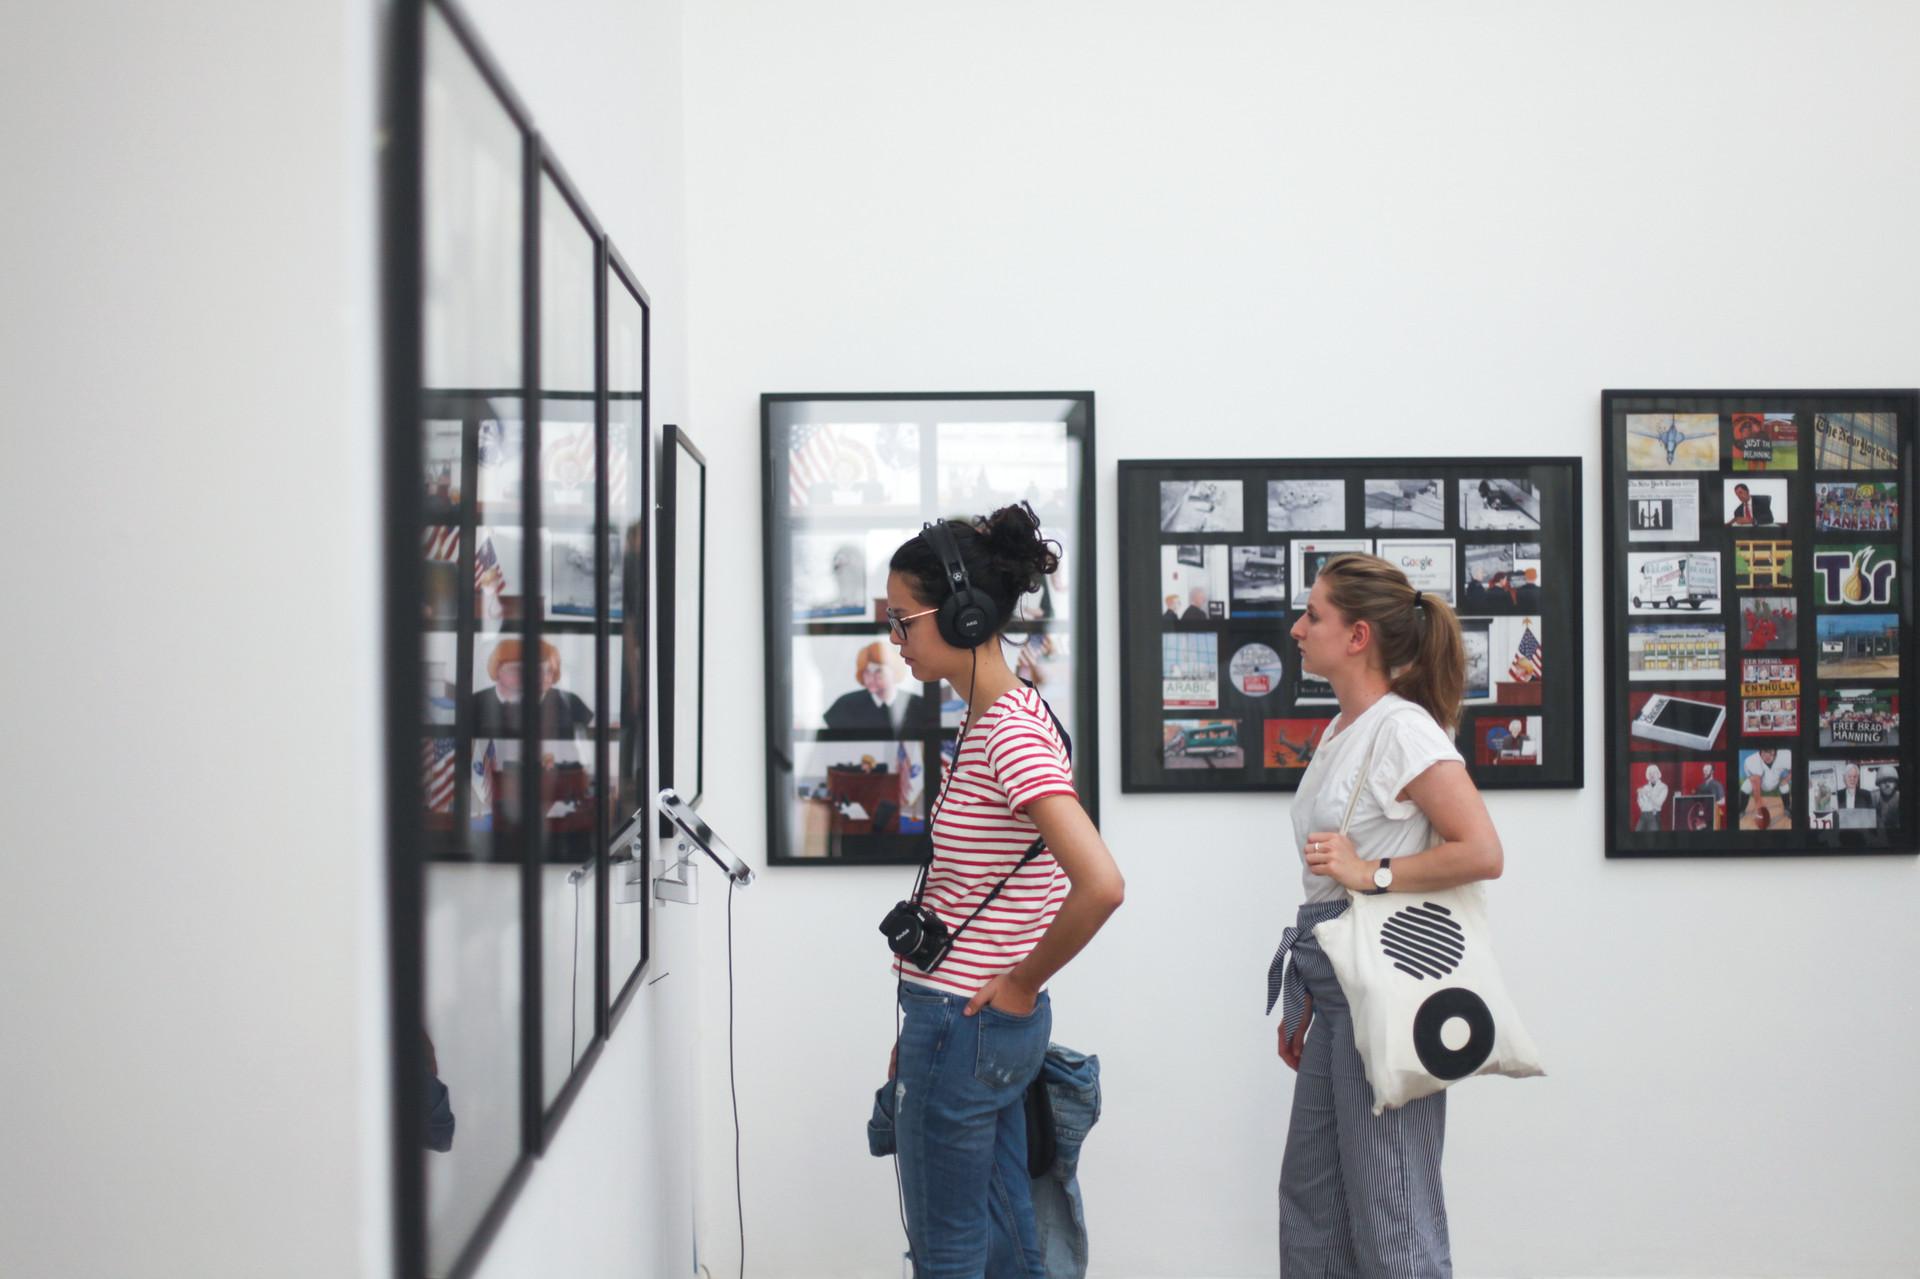 vilde livsdatter_exhibitions-8557.jpg